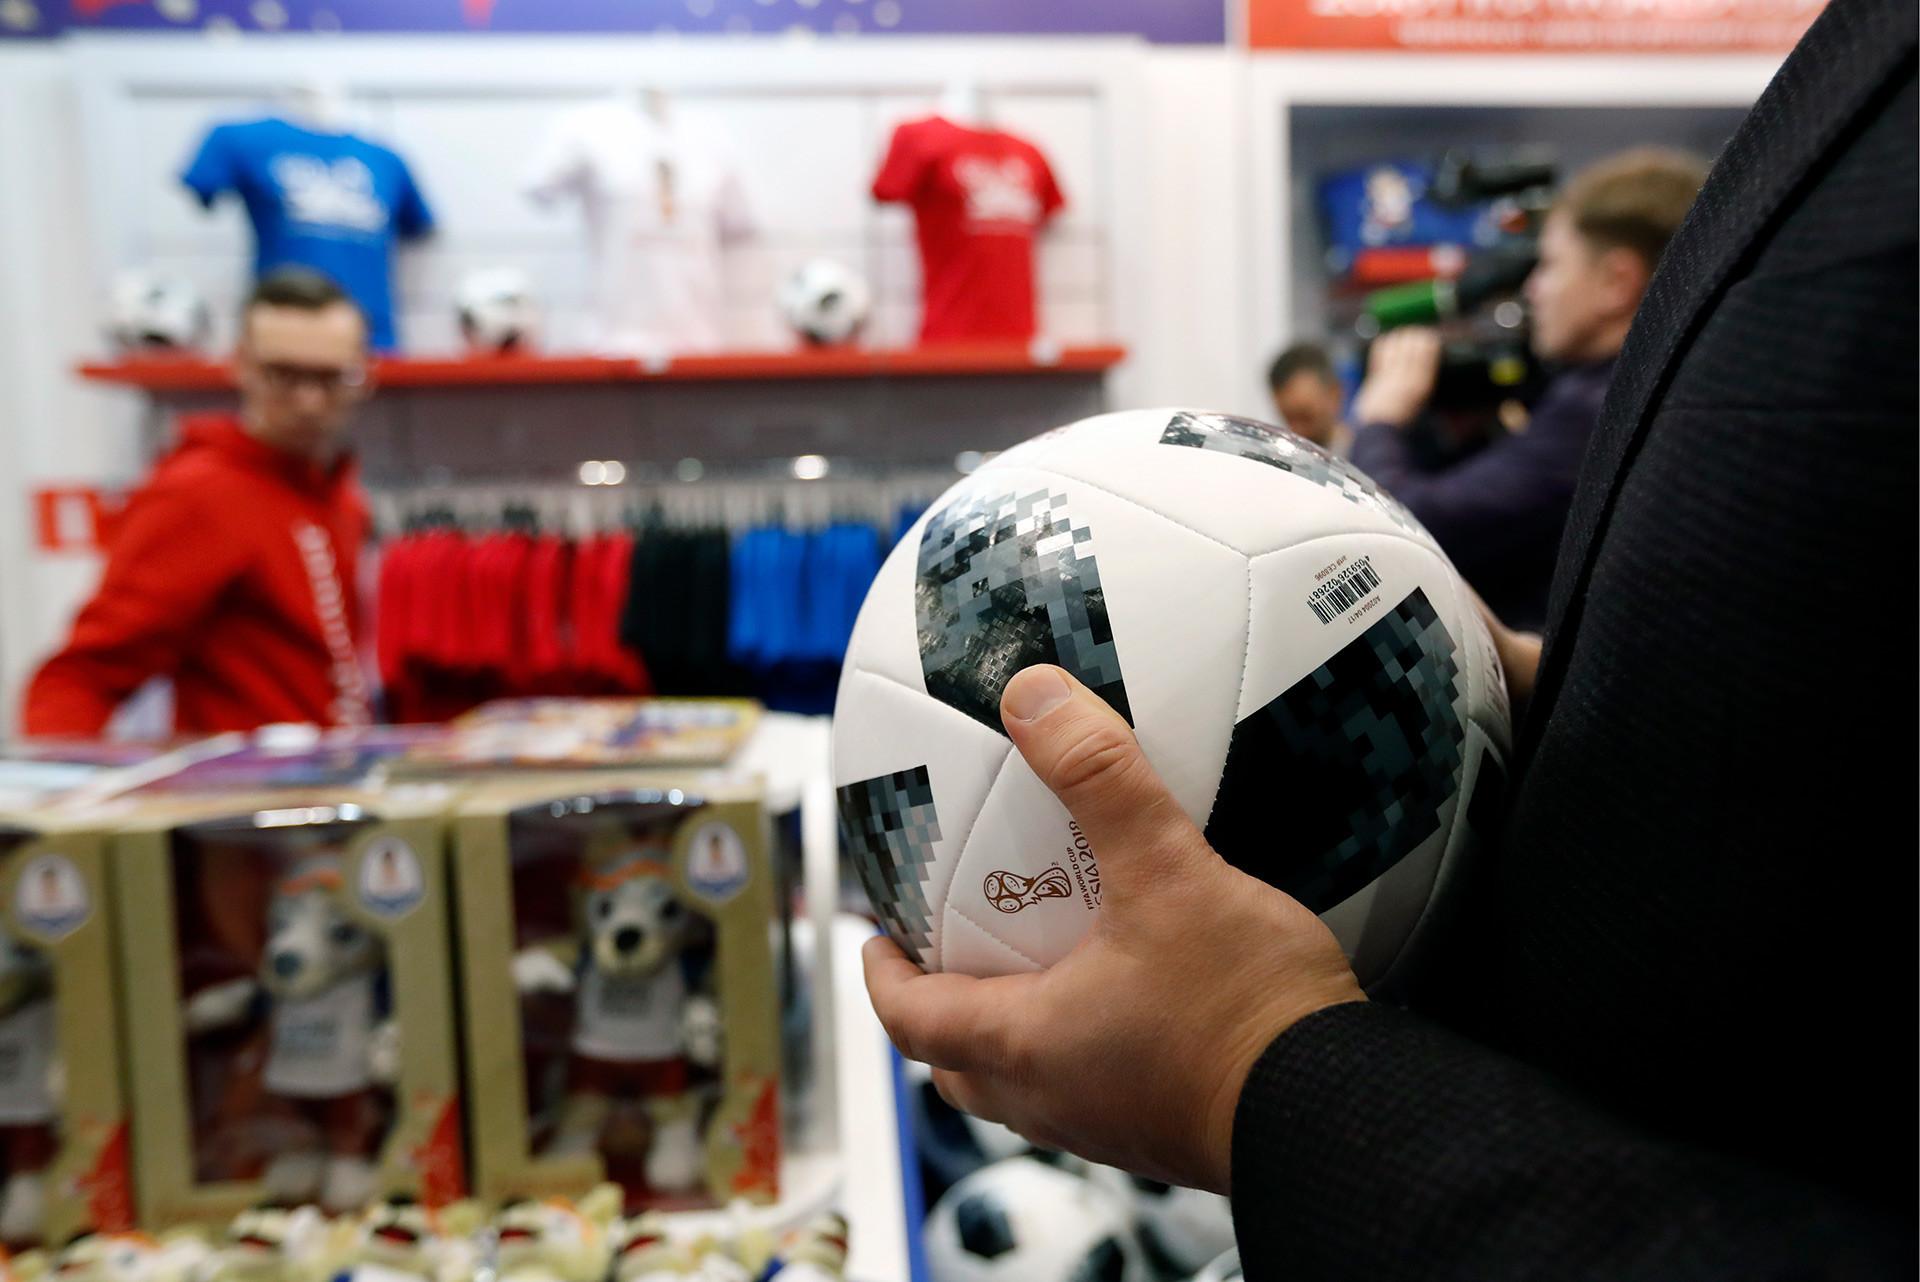 The Telstar 18 official match ball